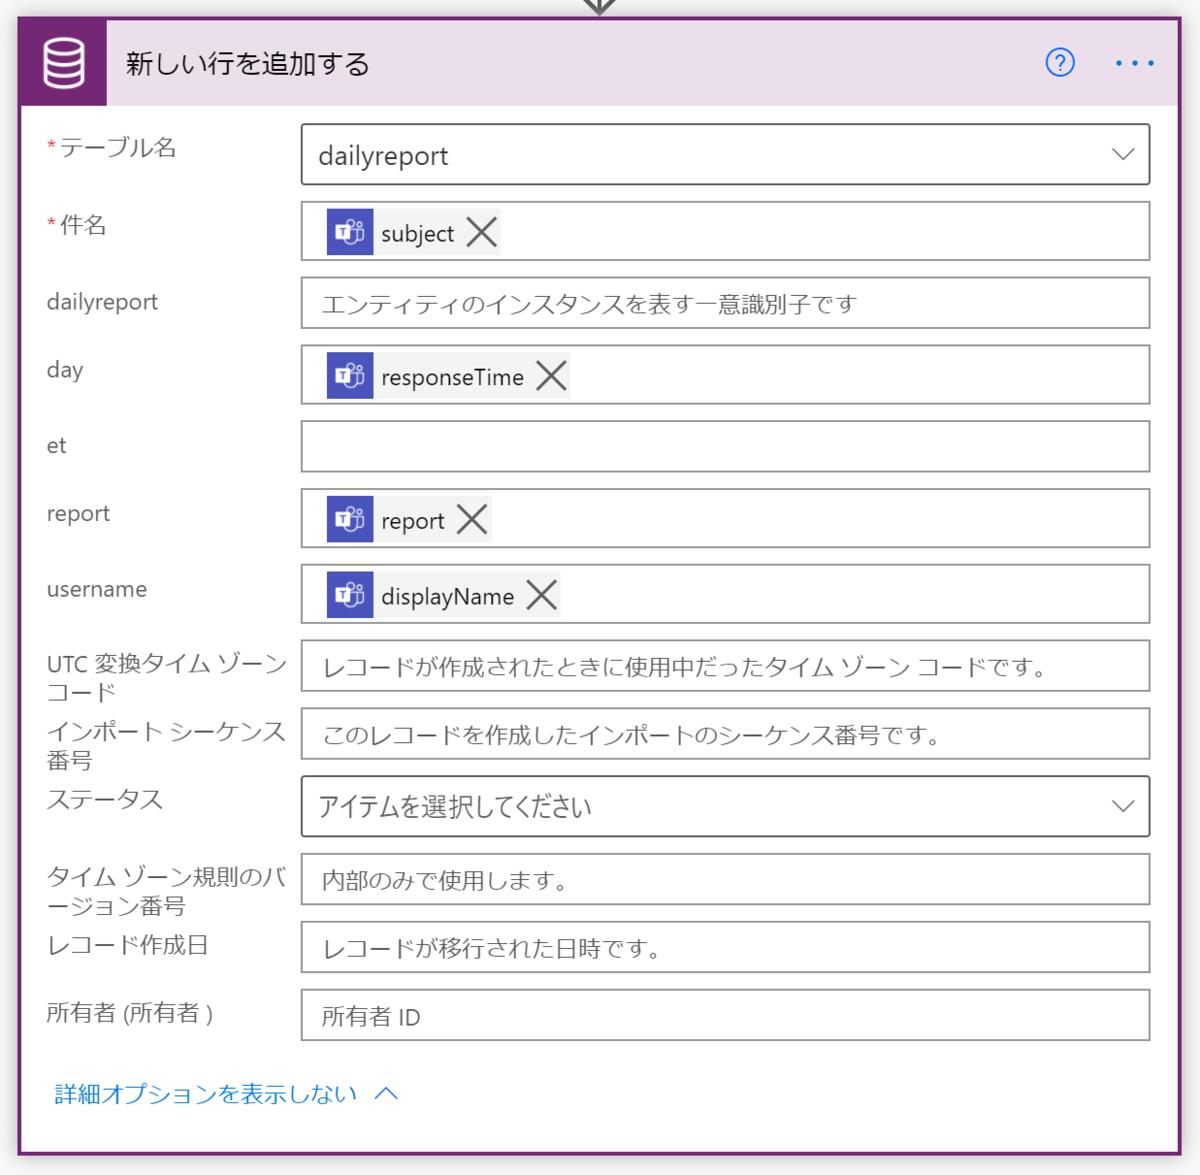 f:id:hanakuso365:20210328202216p:plain